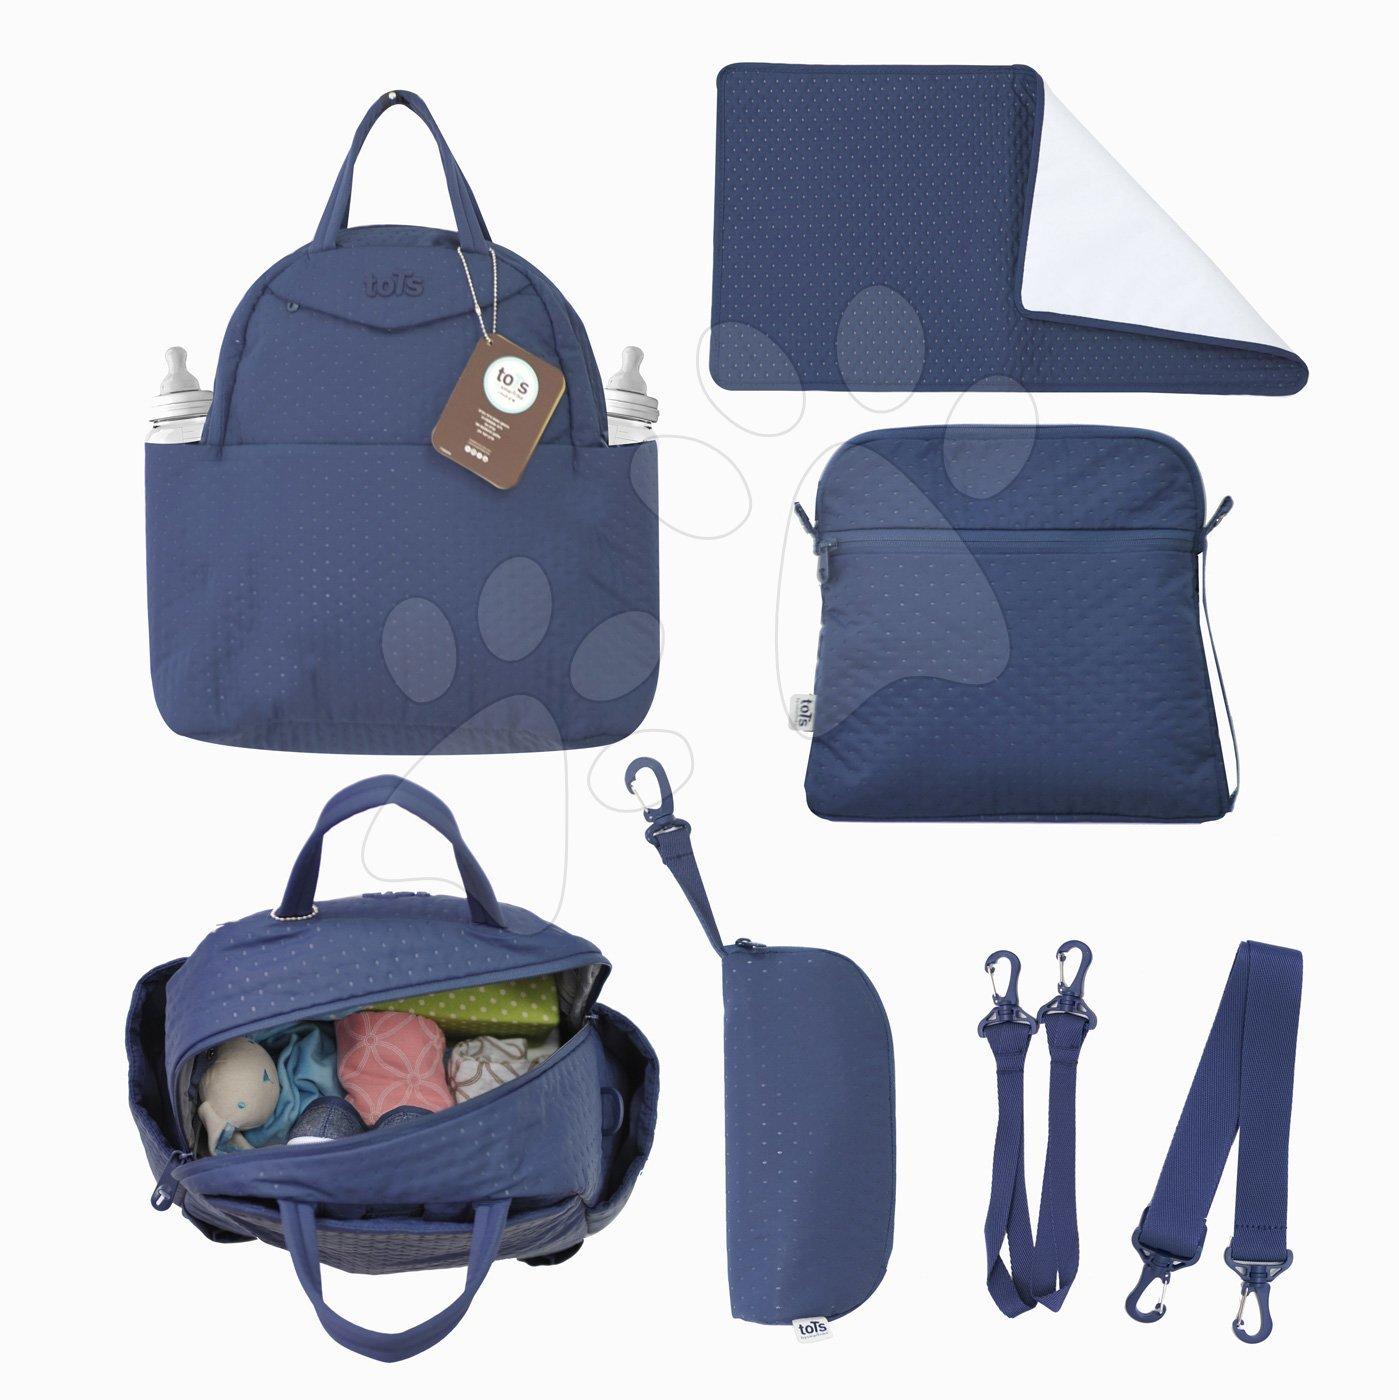 Přebalovací taška Infinity 5v1 toTs-smarTrike s vnitřní taškou a termoobalem na láhev modrá